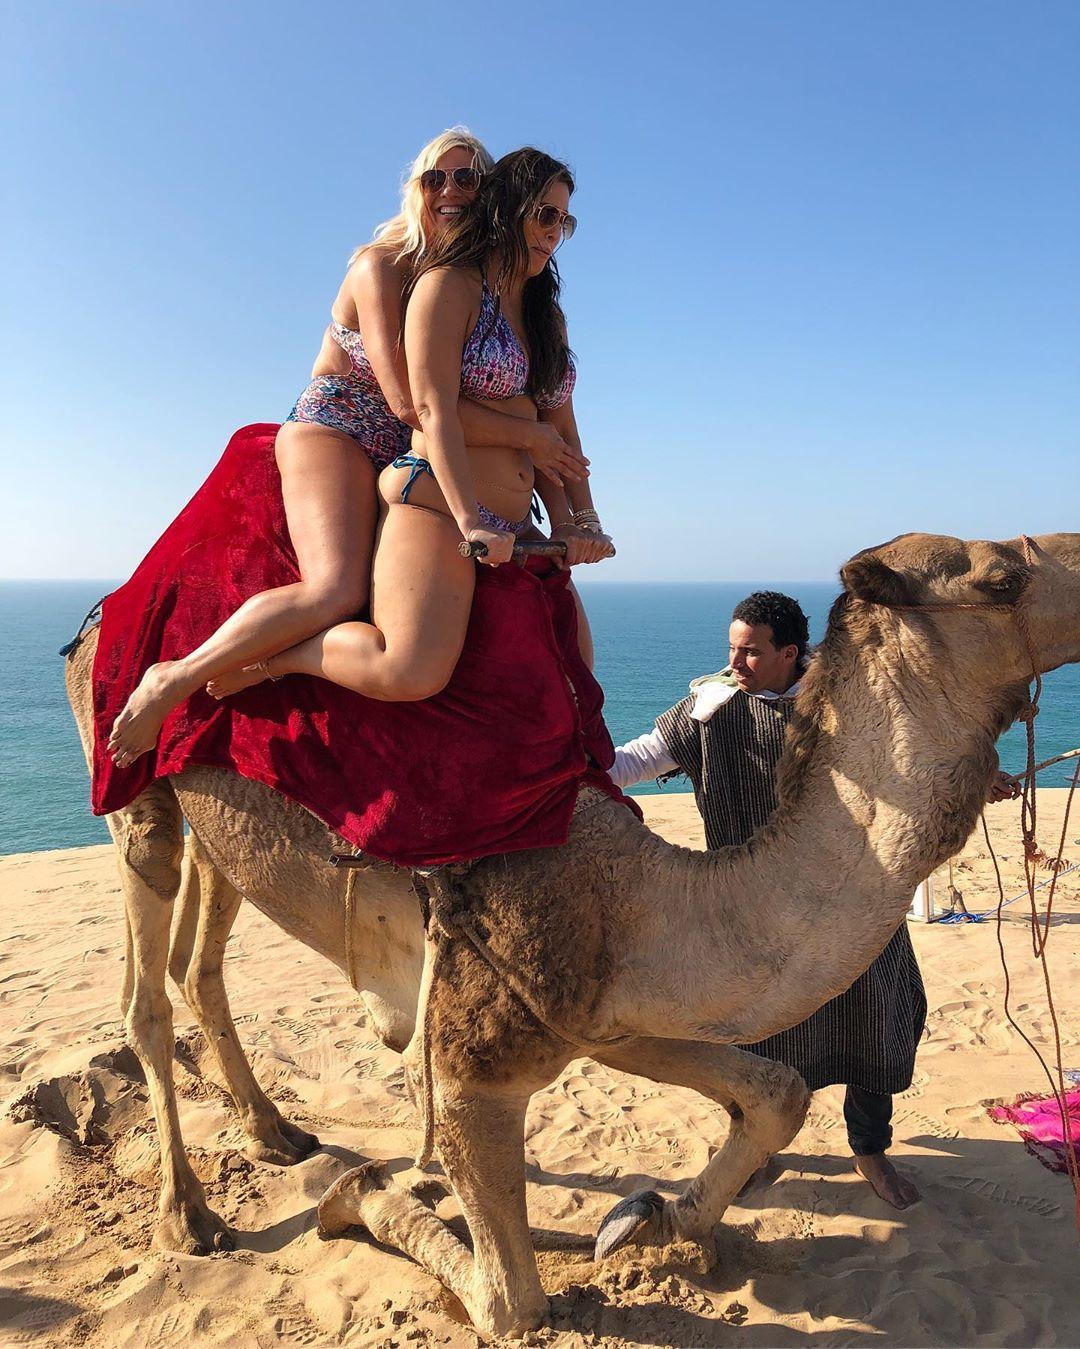 آشلي غراهام مع والدتها في المغرب